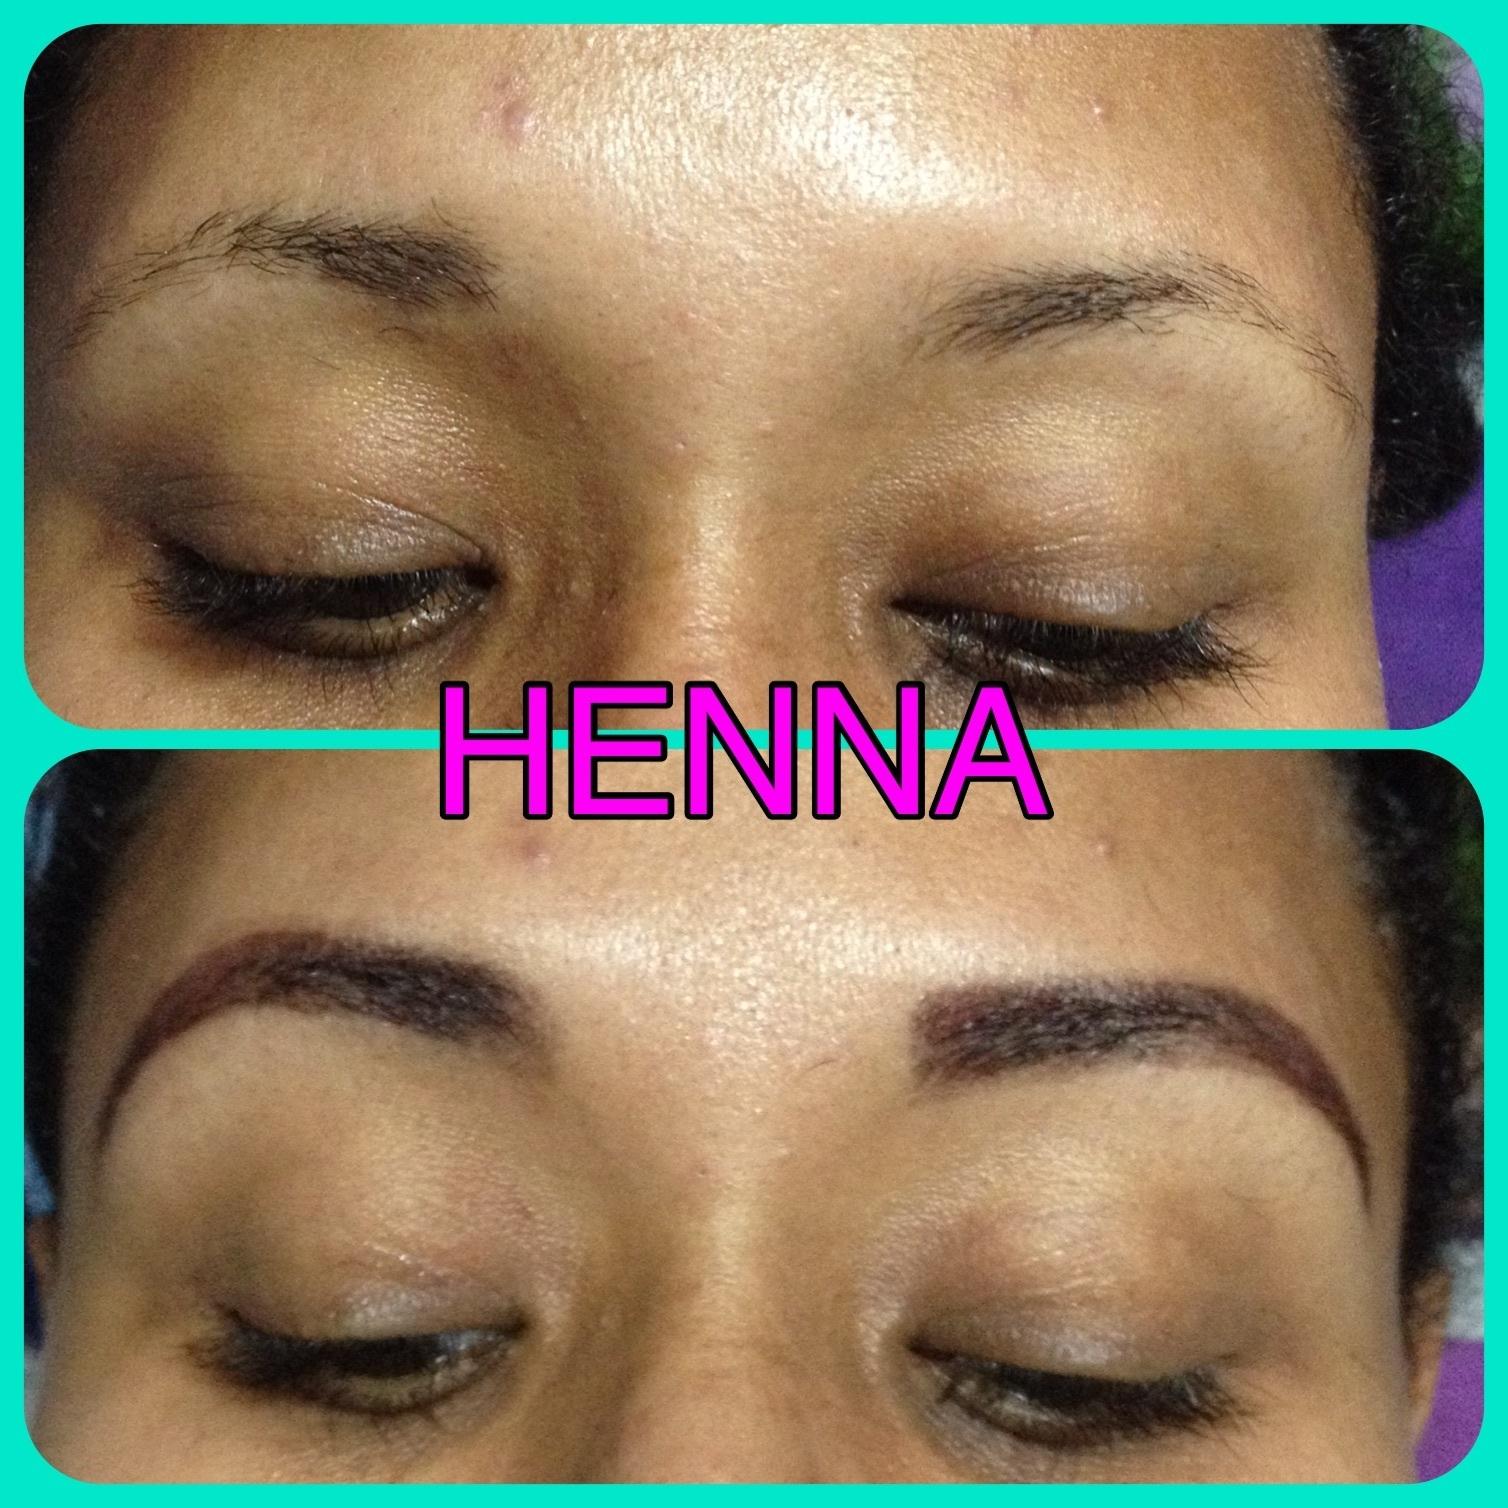 Designer de sobrancelha  Removi os pelos em excesso , aplicação de HENNA para a correção  cabeleireiro(a)